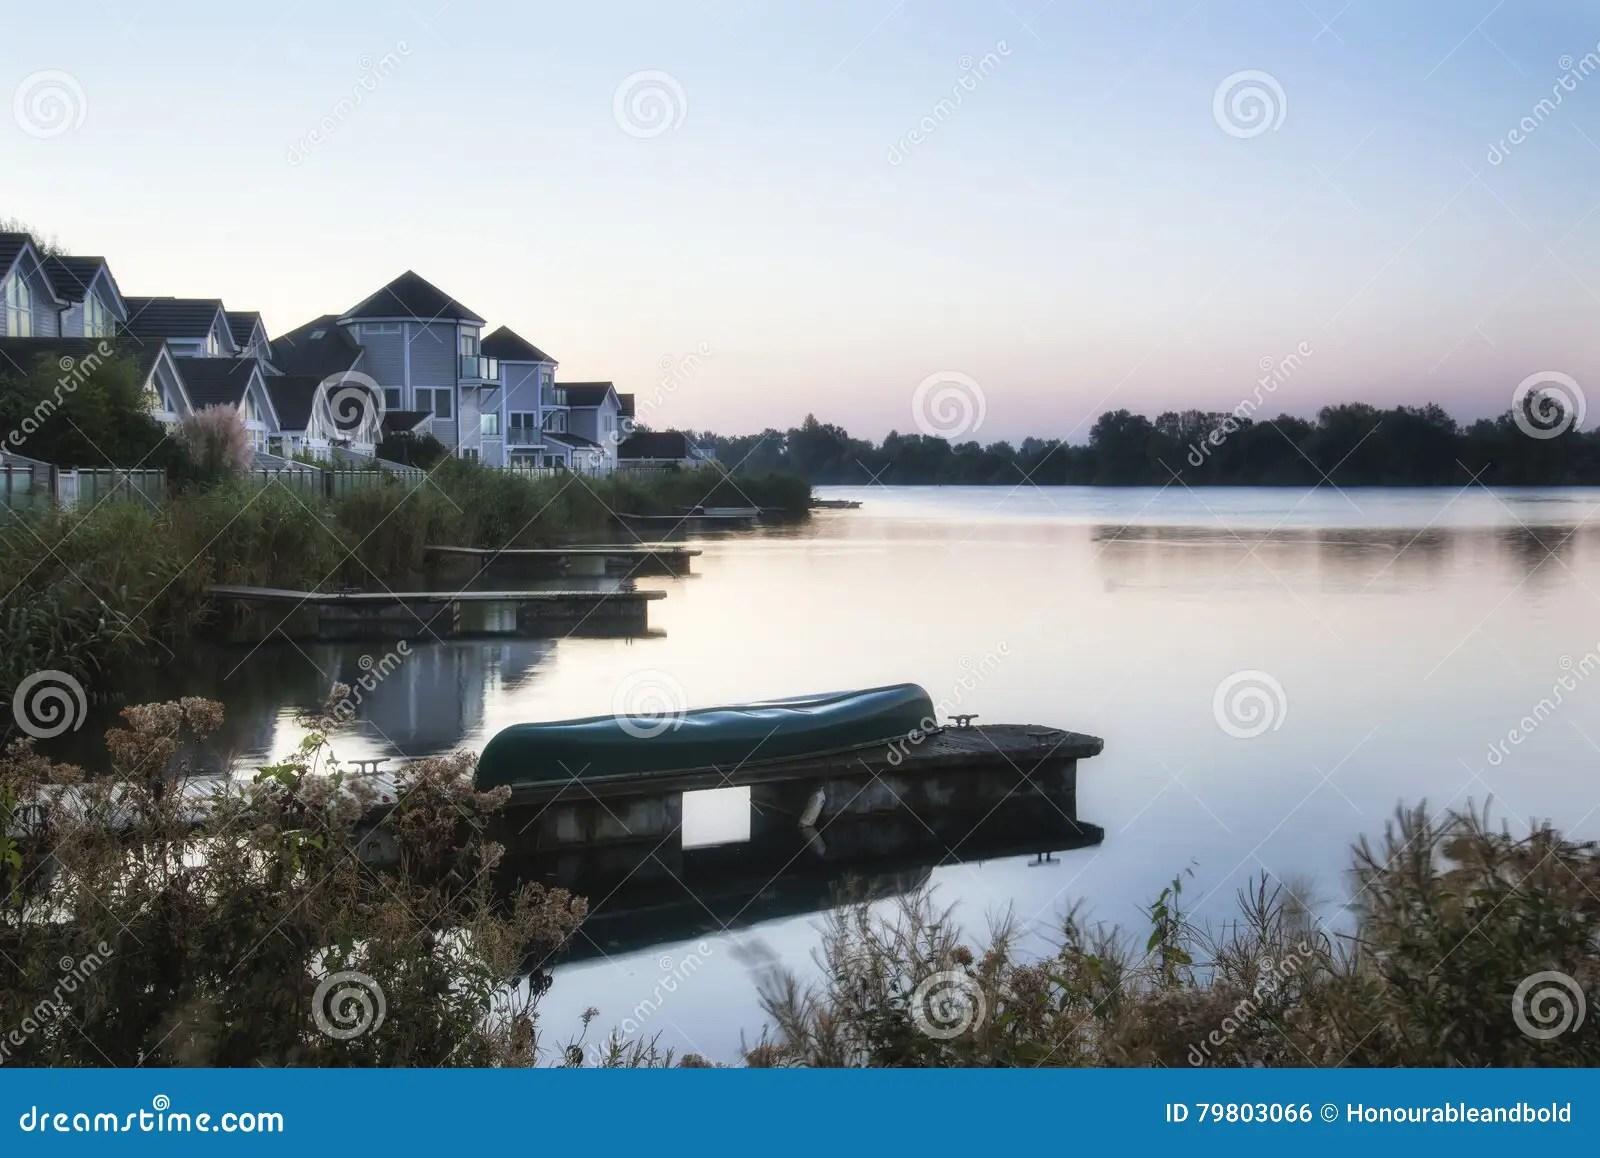 belle image de paysage de lever de soleil de ciel clair au dessus de lac calme